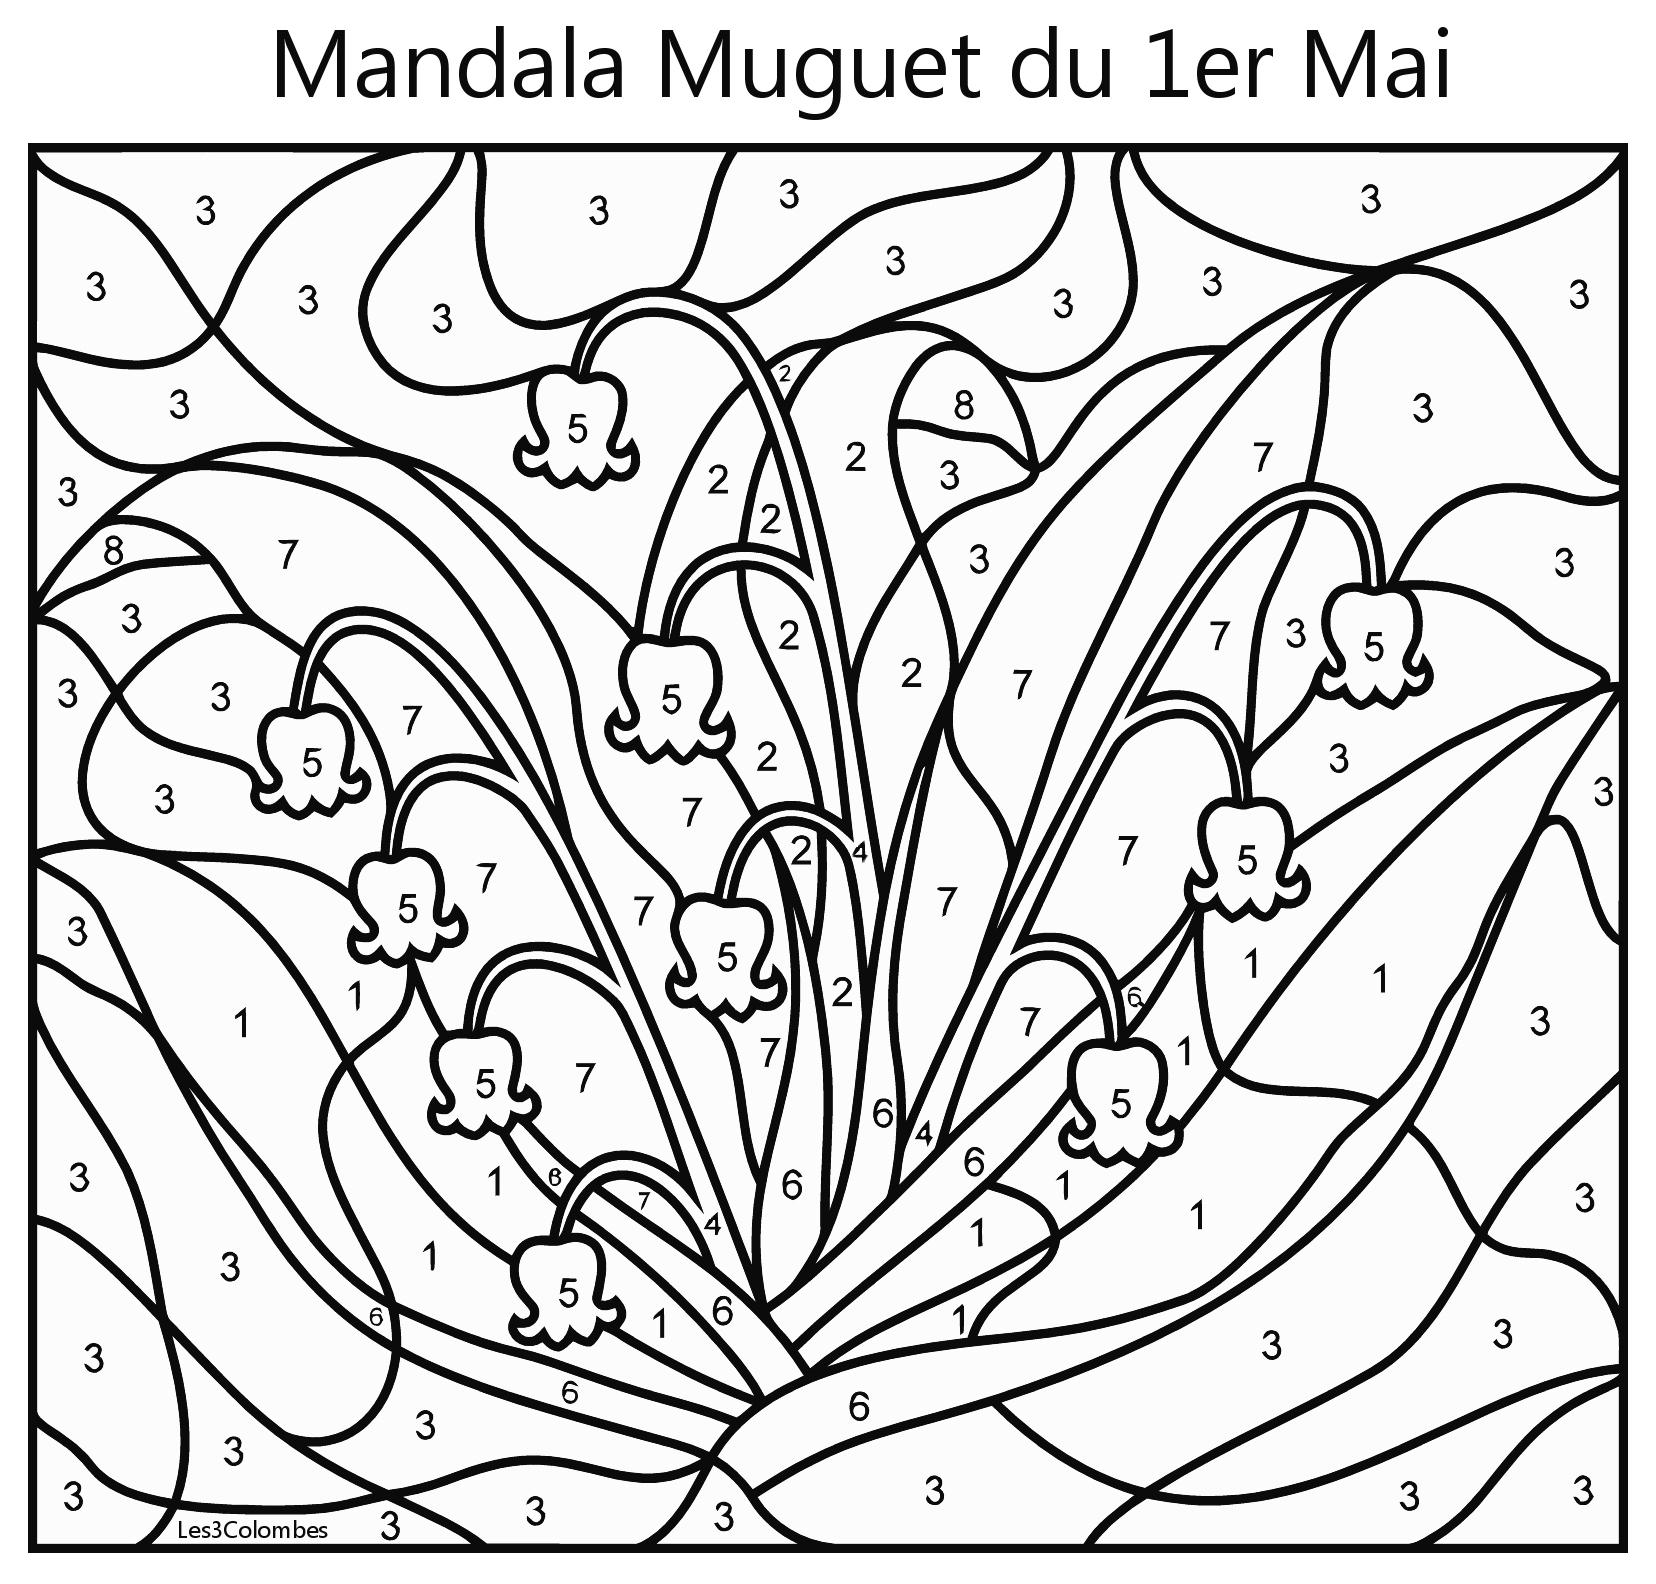 Mandala muguet 1er mai enfant coloriage en ligne gratuit - Coloriage muguet ...